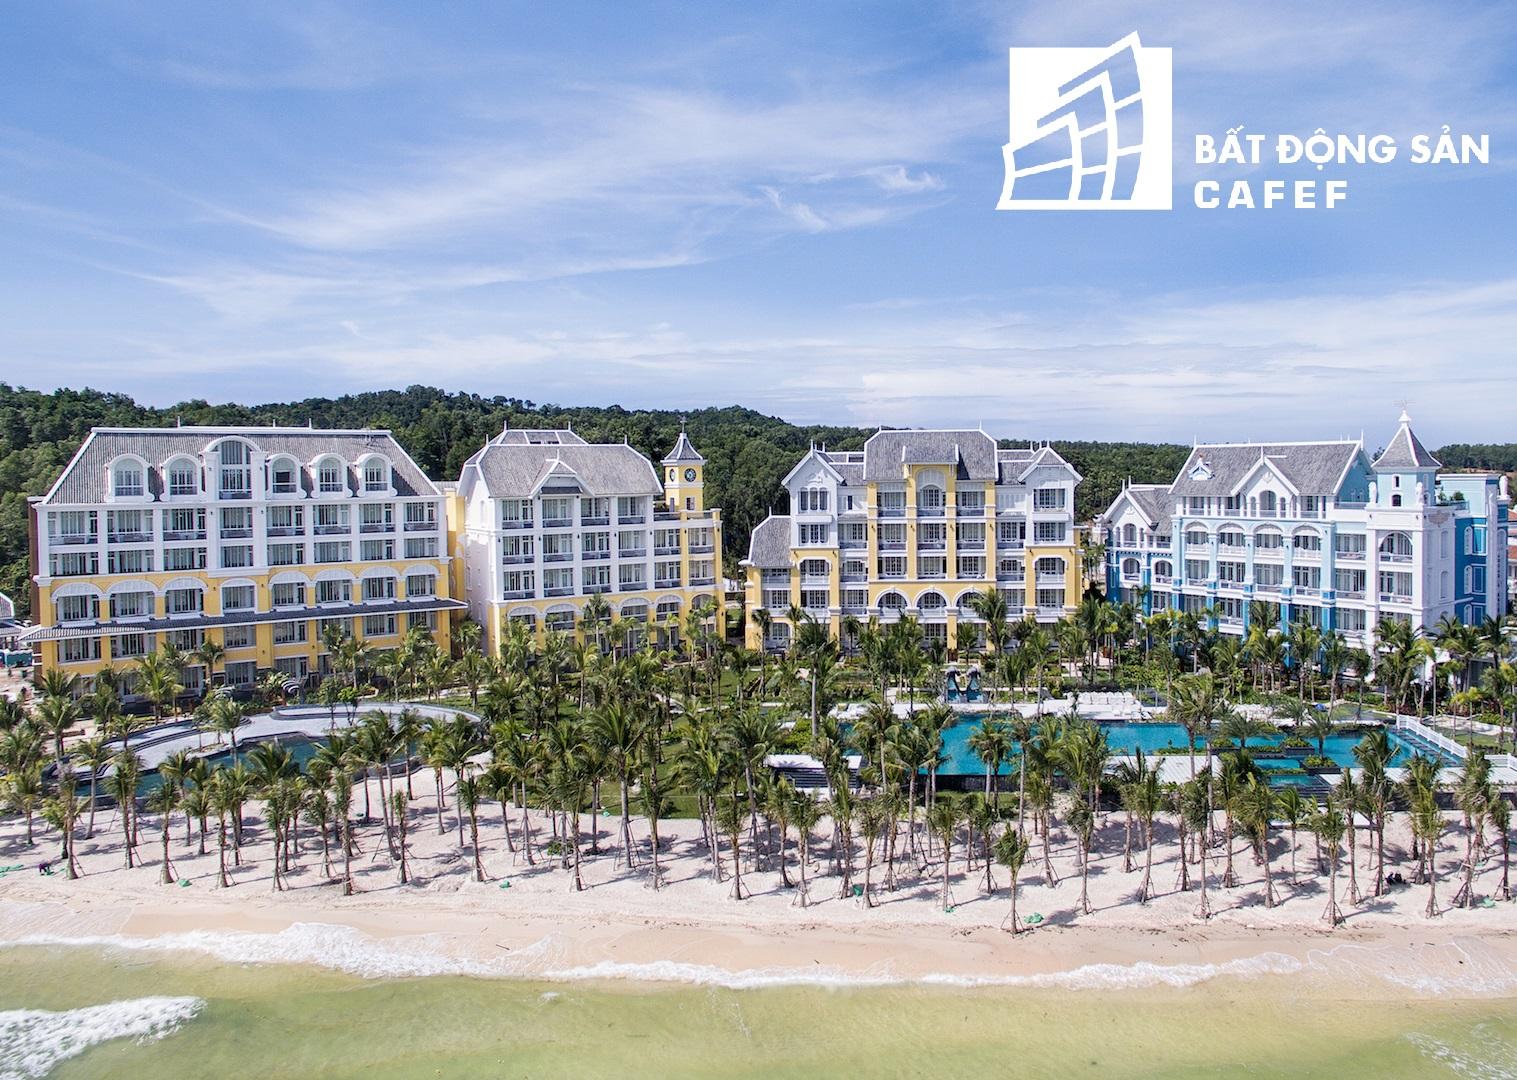 Khách sạn JW Marriott là công trình đầu tiên trong khu nghỉ dưỡng đã hoàn thành và bắt đầu khai thác sử dụng.